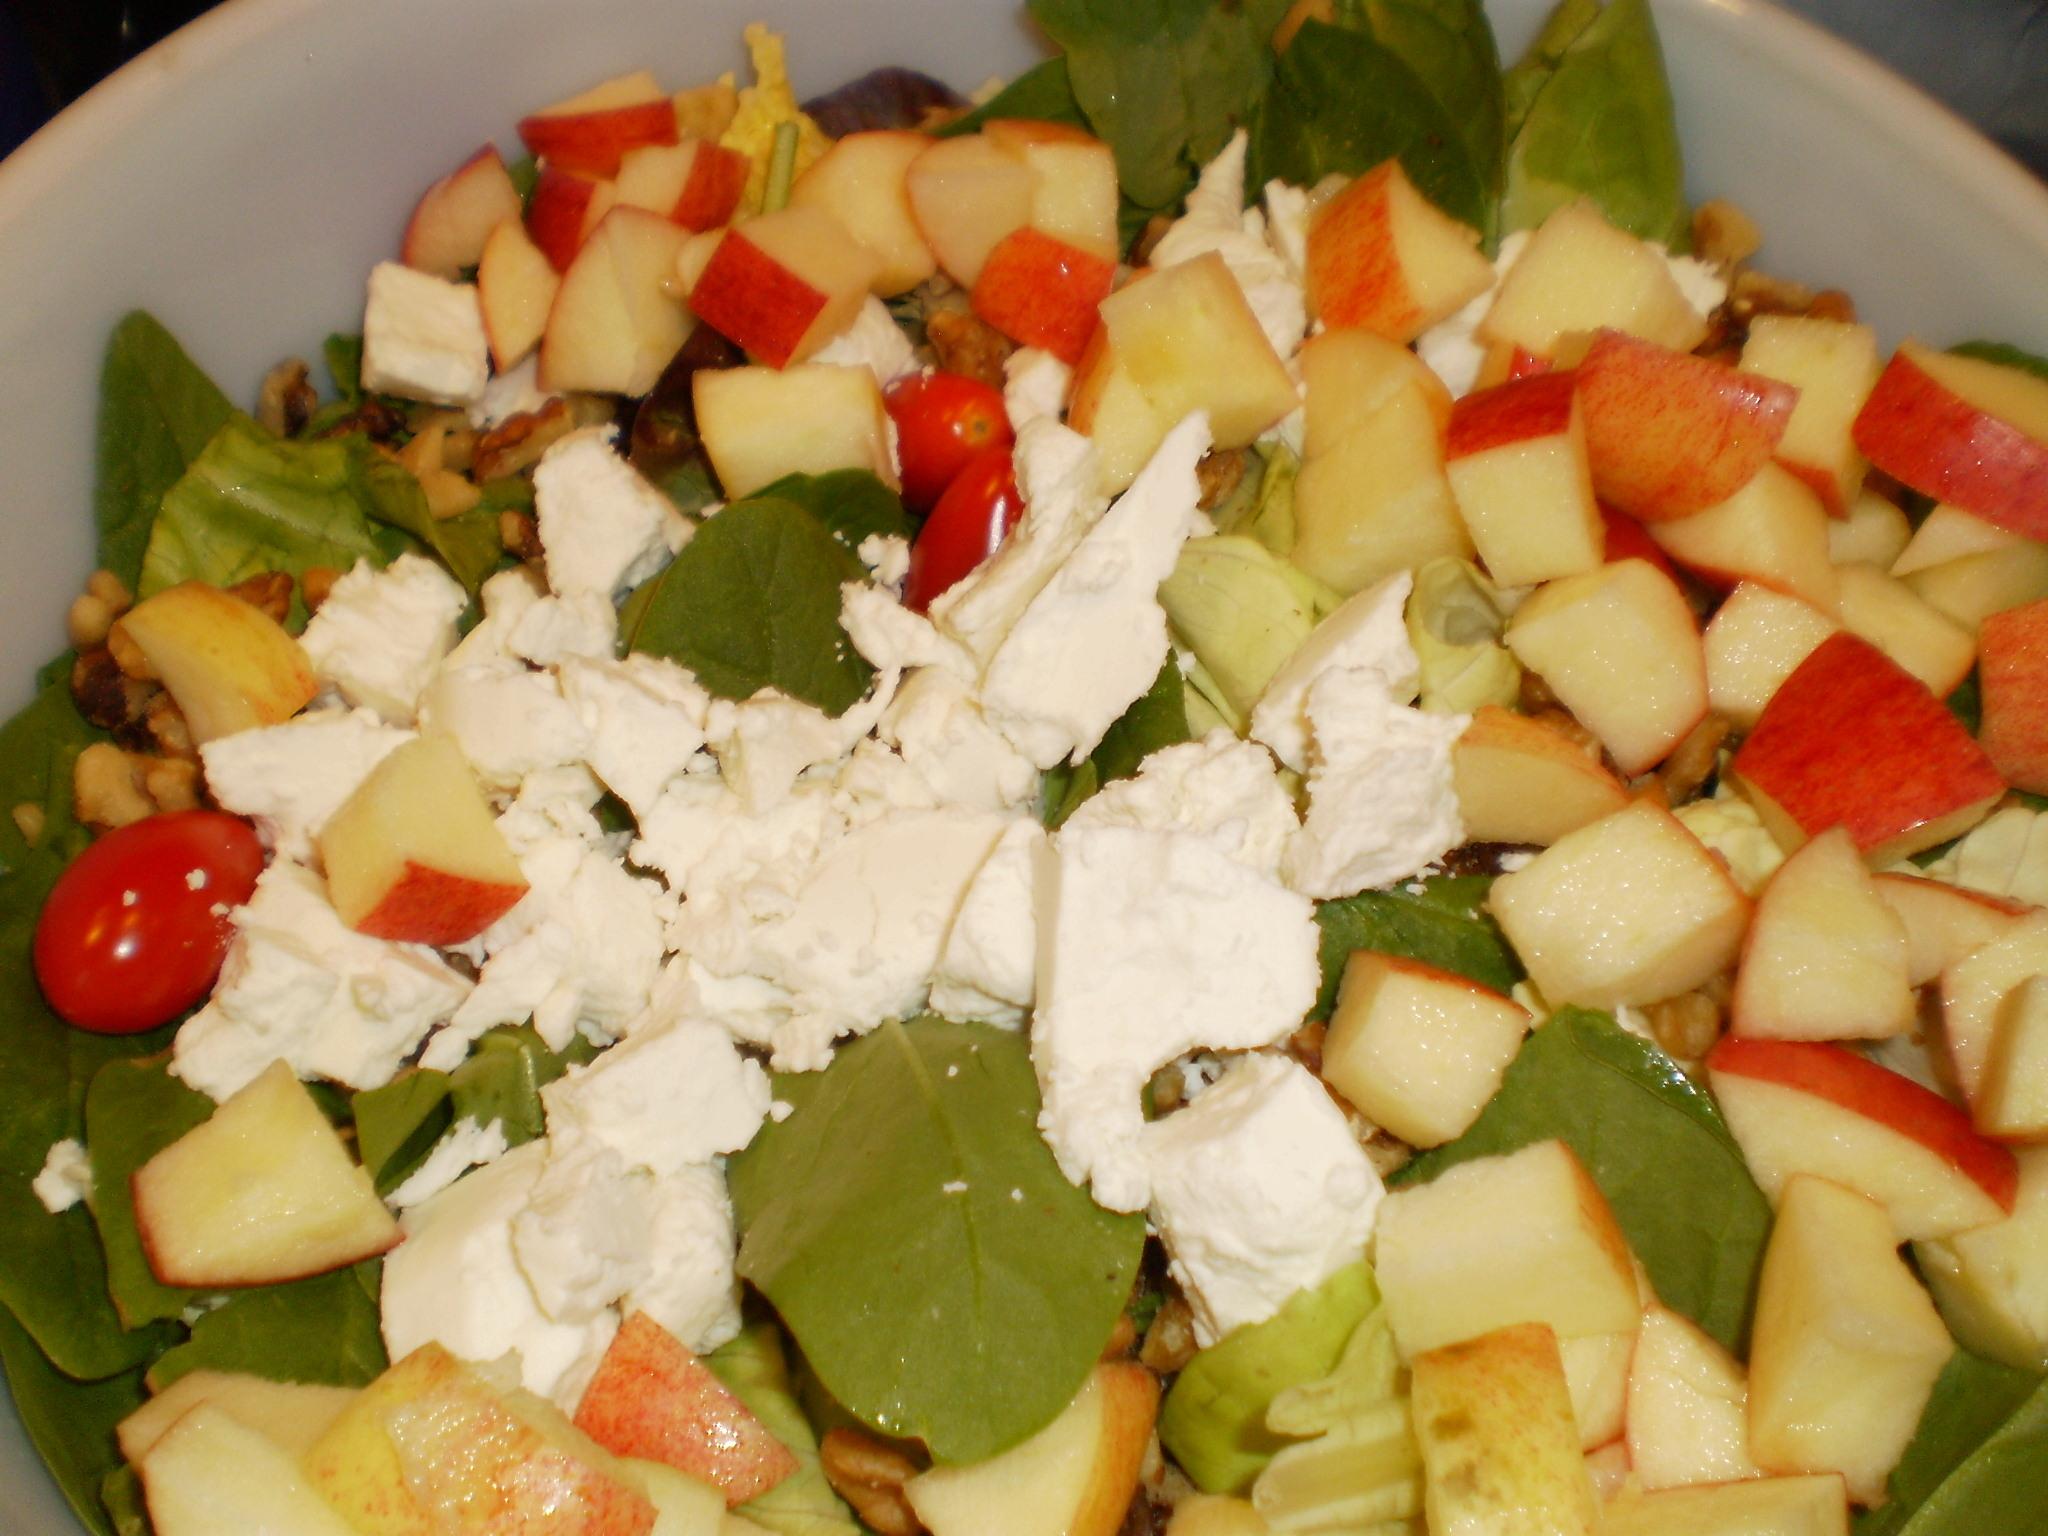 ... chickpea soup moroccan chickpea soup chickpea and chorizo soup kale